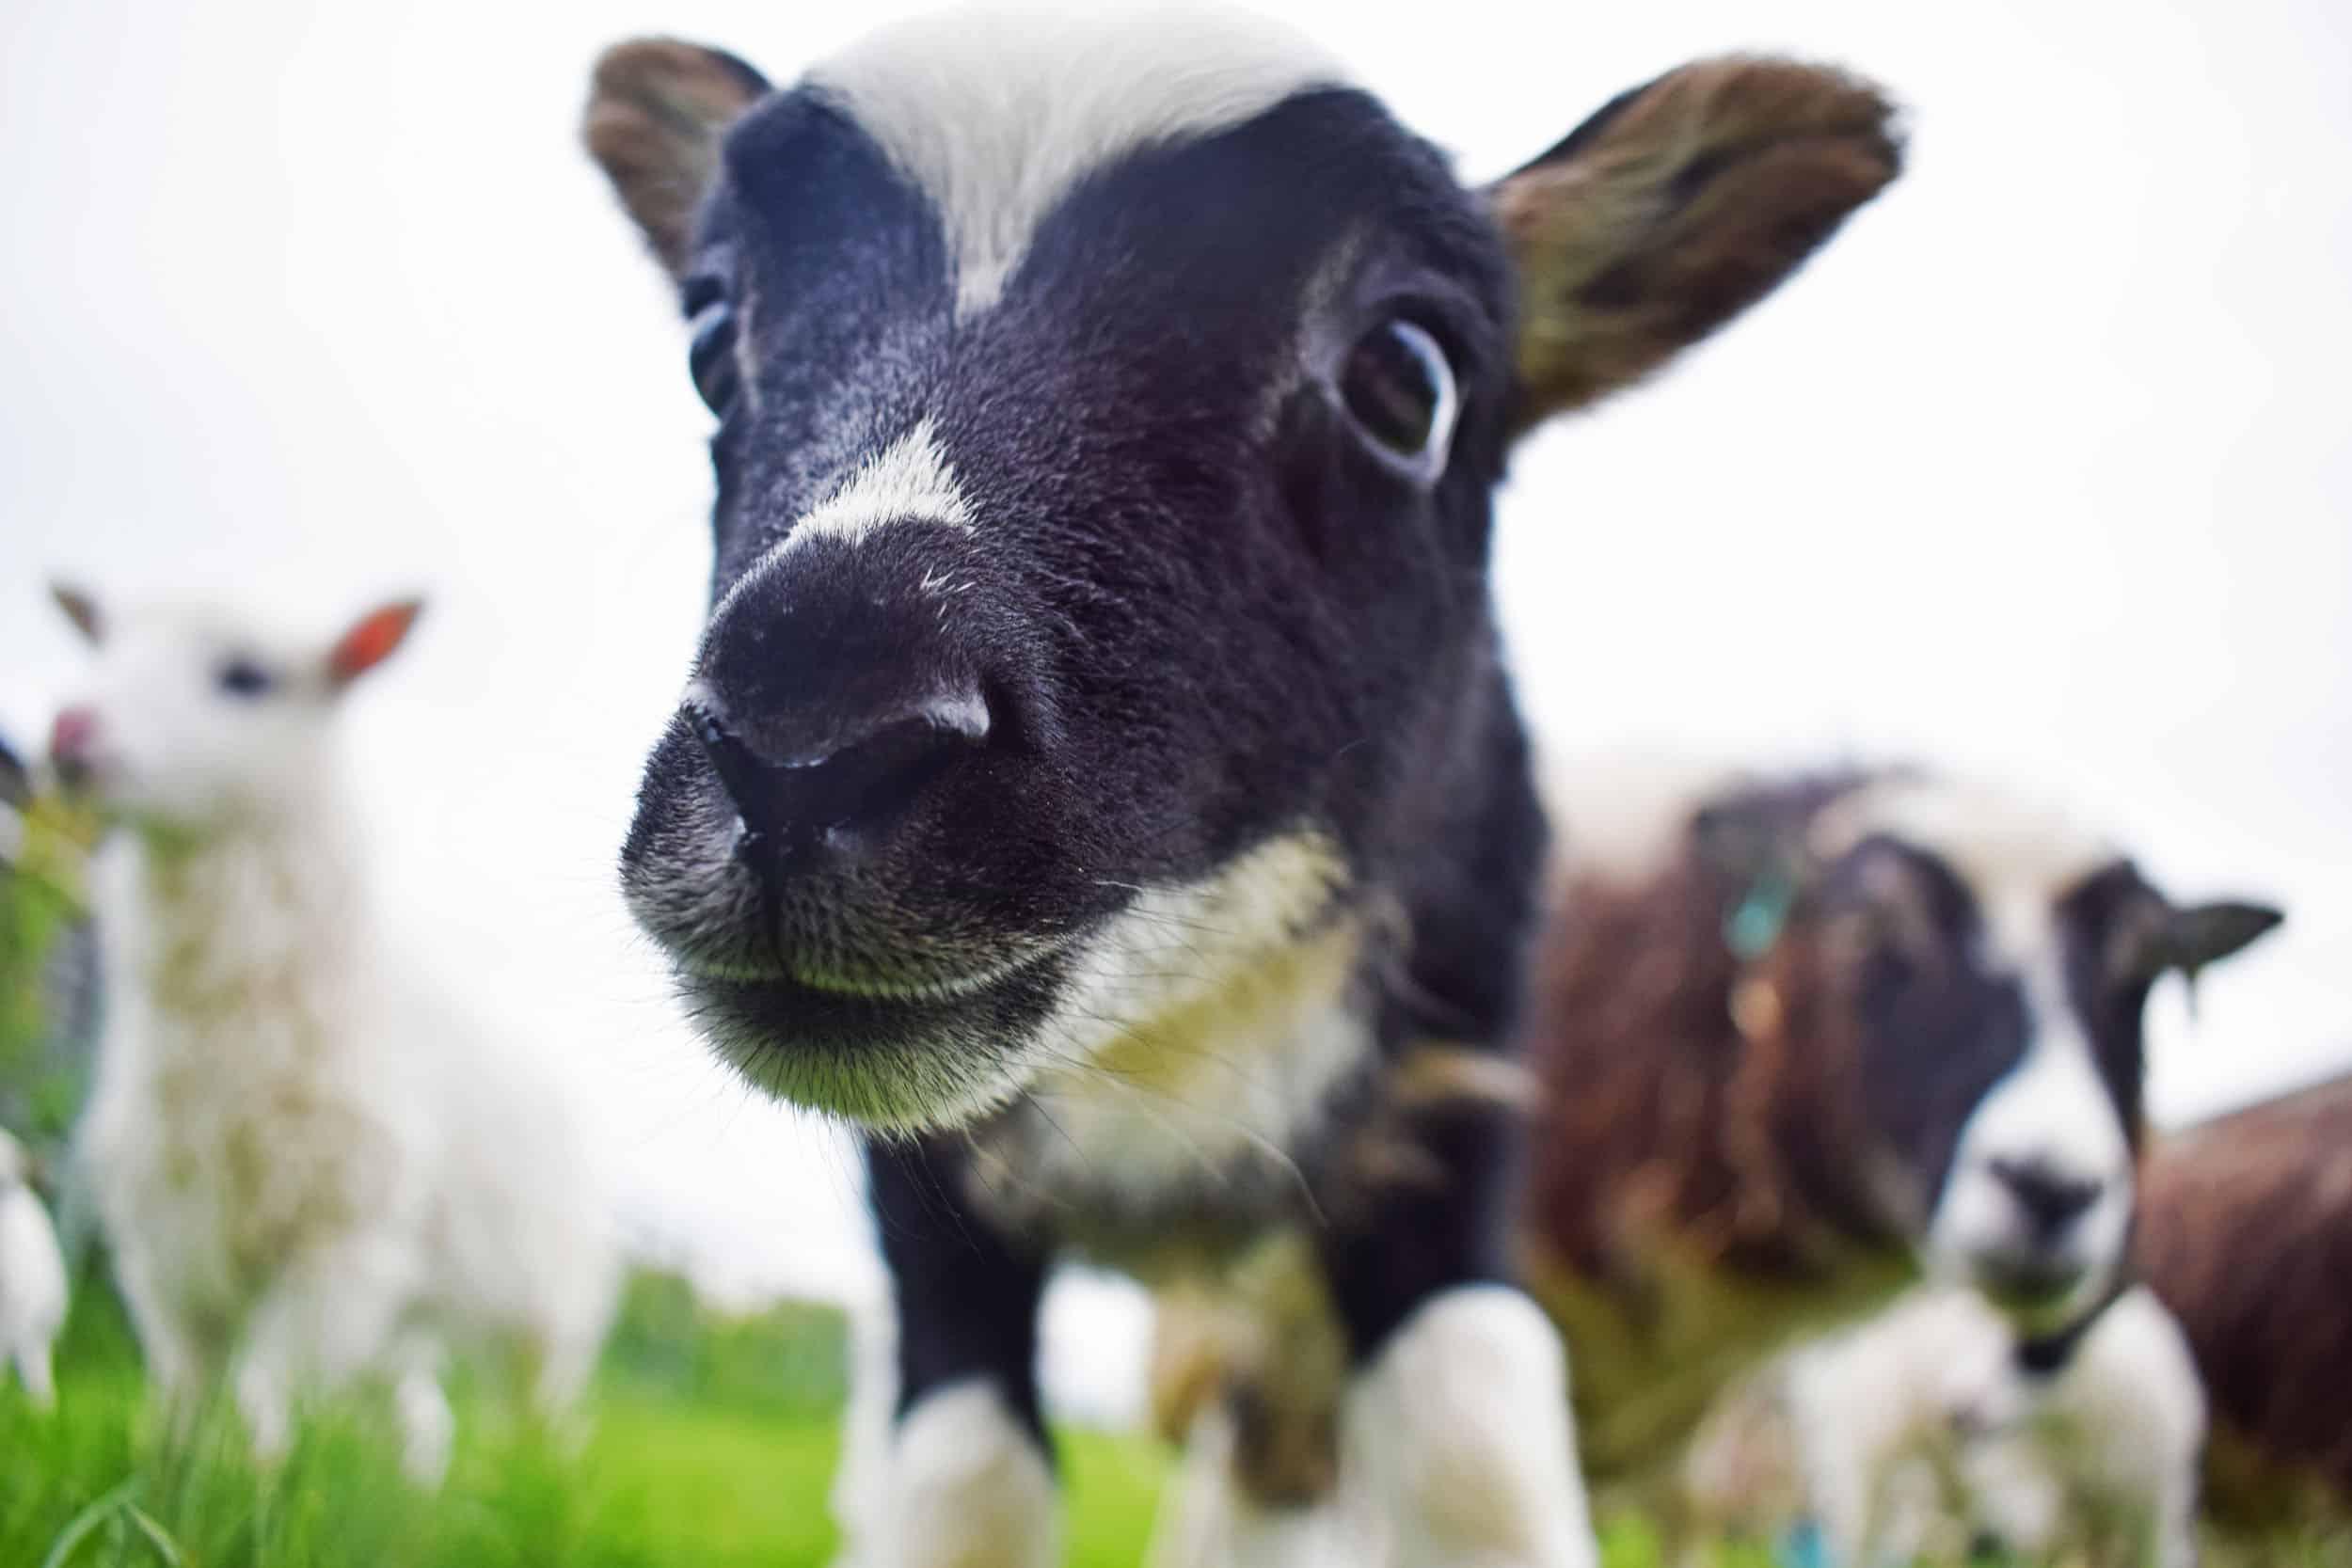 Cute lamb Lupin